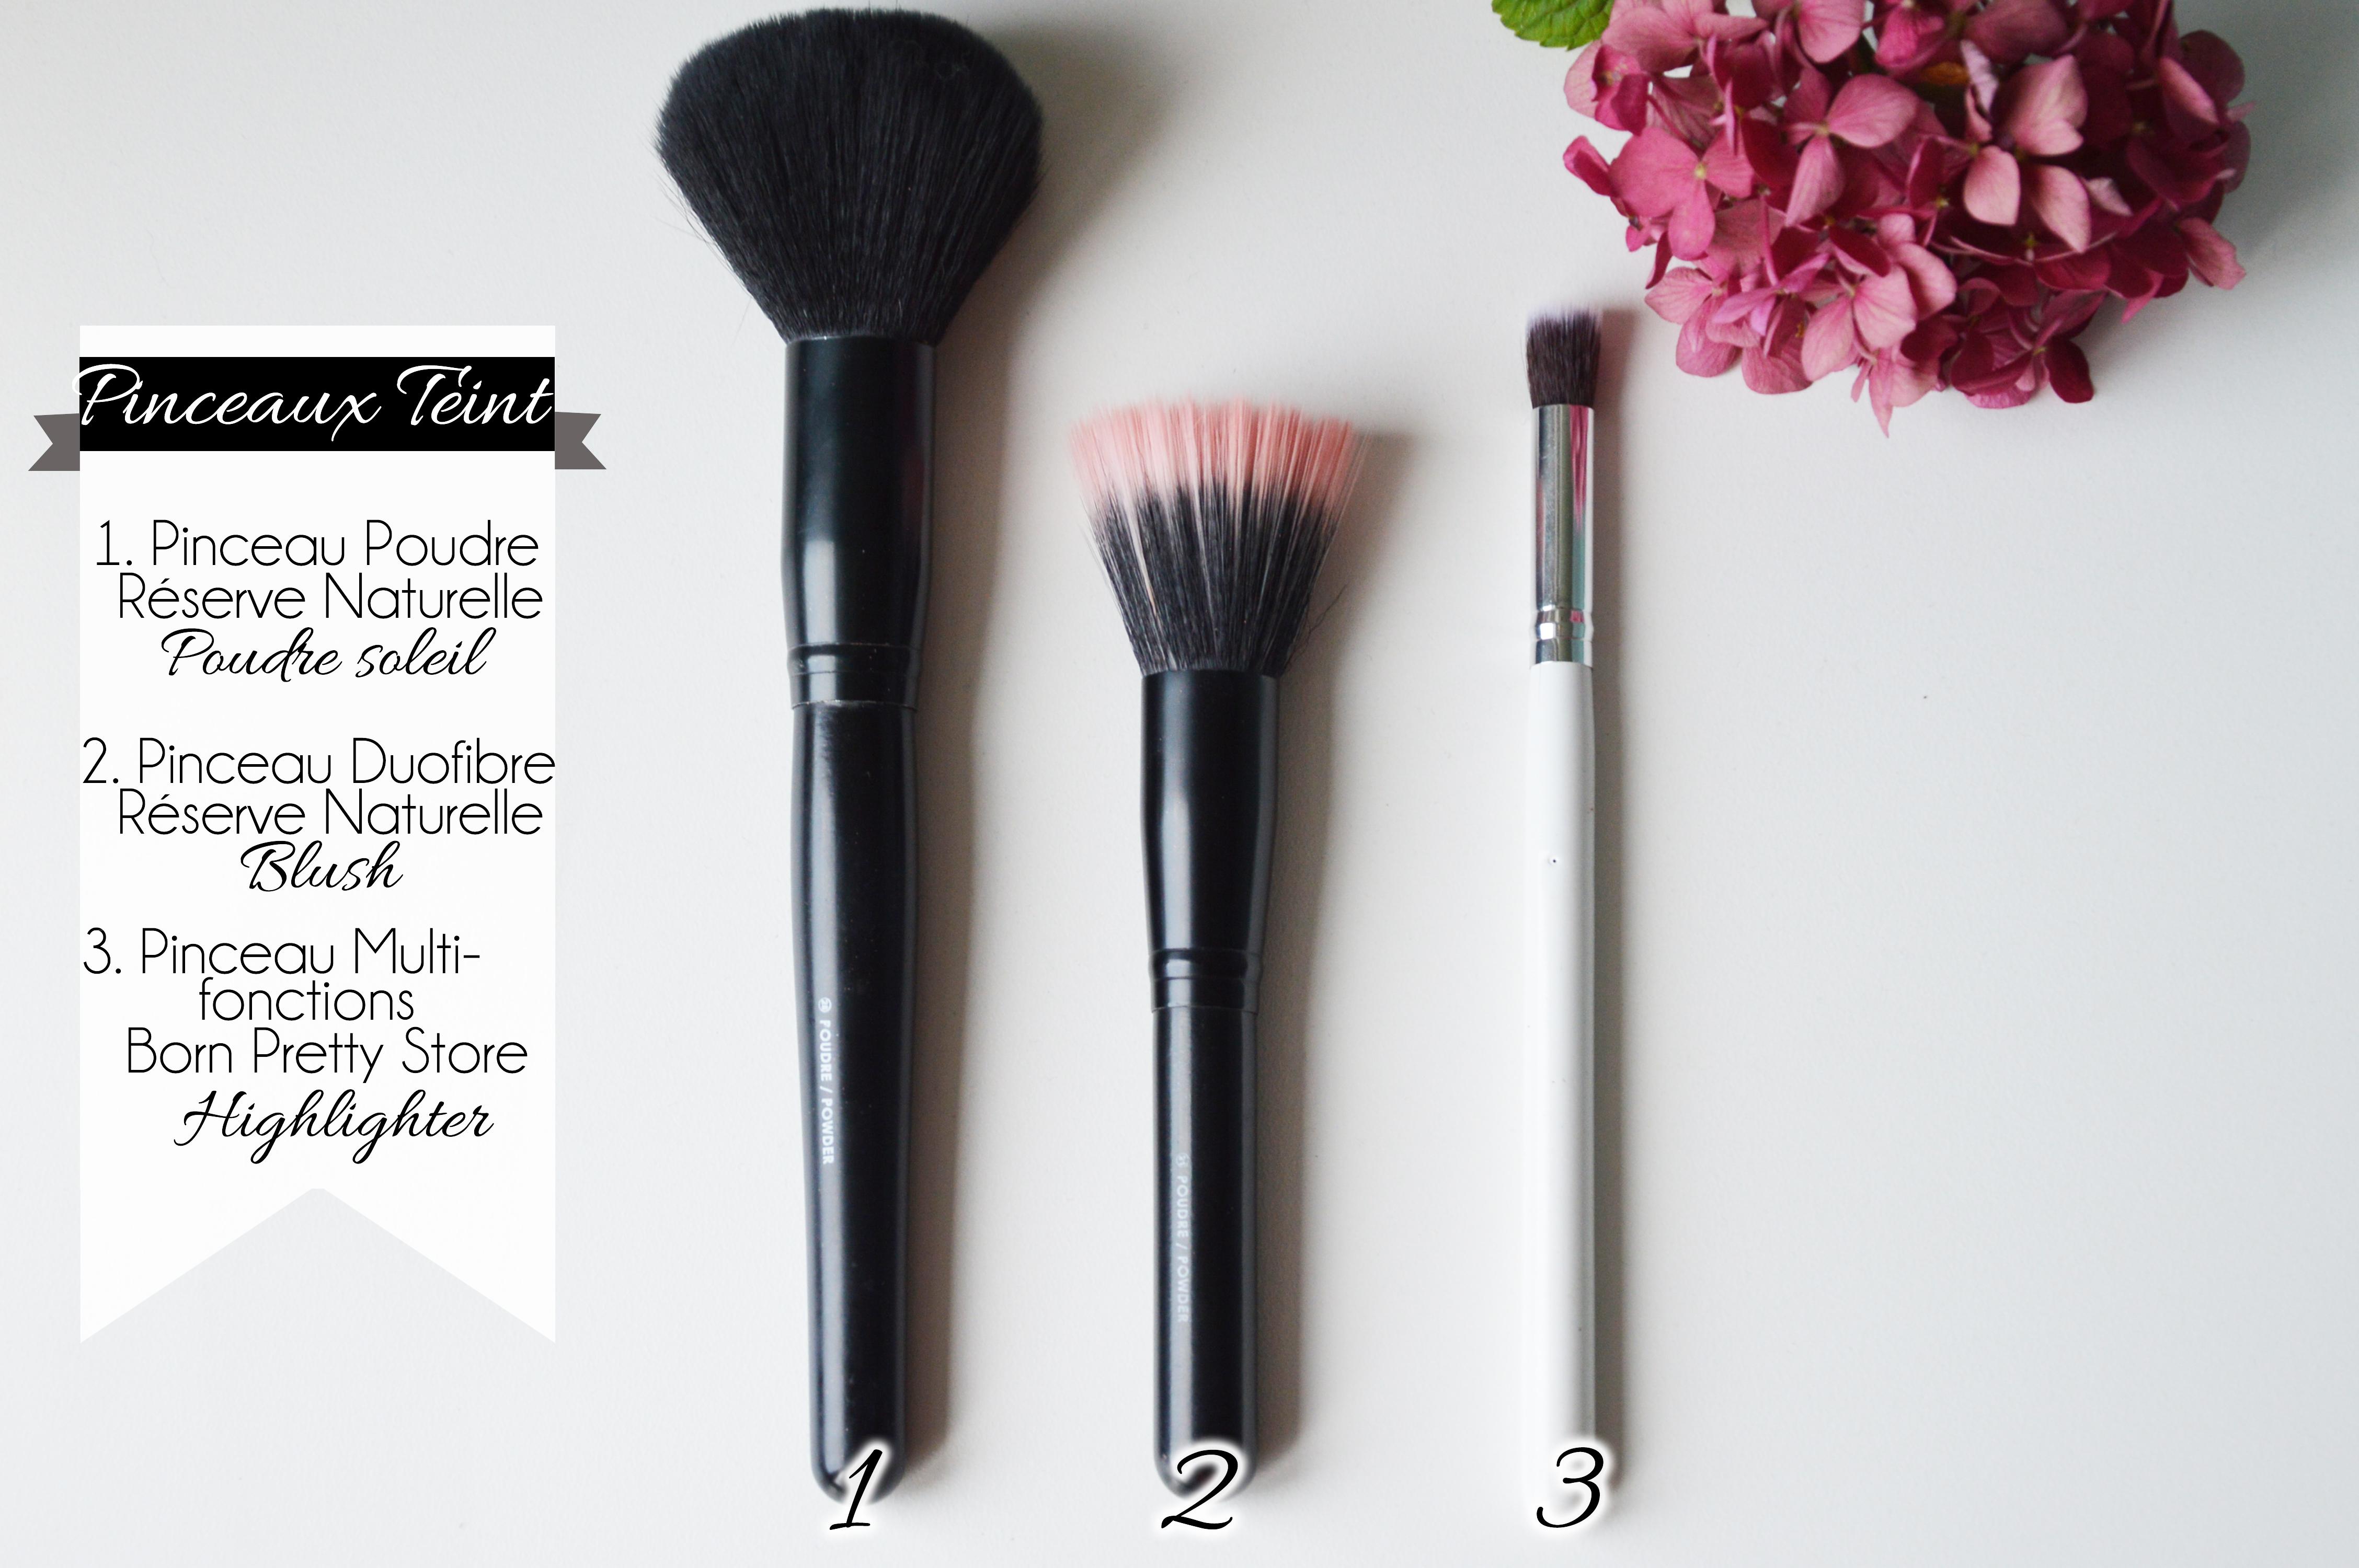 ALITTLEB-Blog-beauté-routine-teint-estivale-2014-Lumière-et-peau-halée-sephora-erborian-kiko-sleek-RESERVE_NATURELLE_BORN_PRETTY_STORE_PINCEAUX